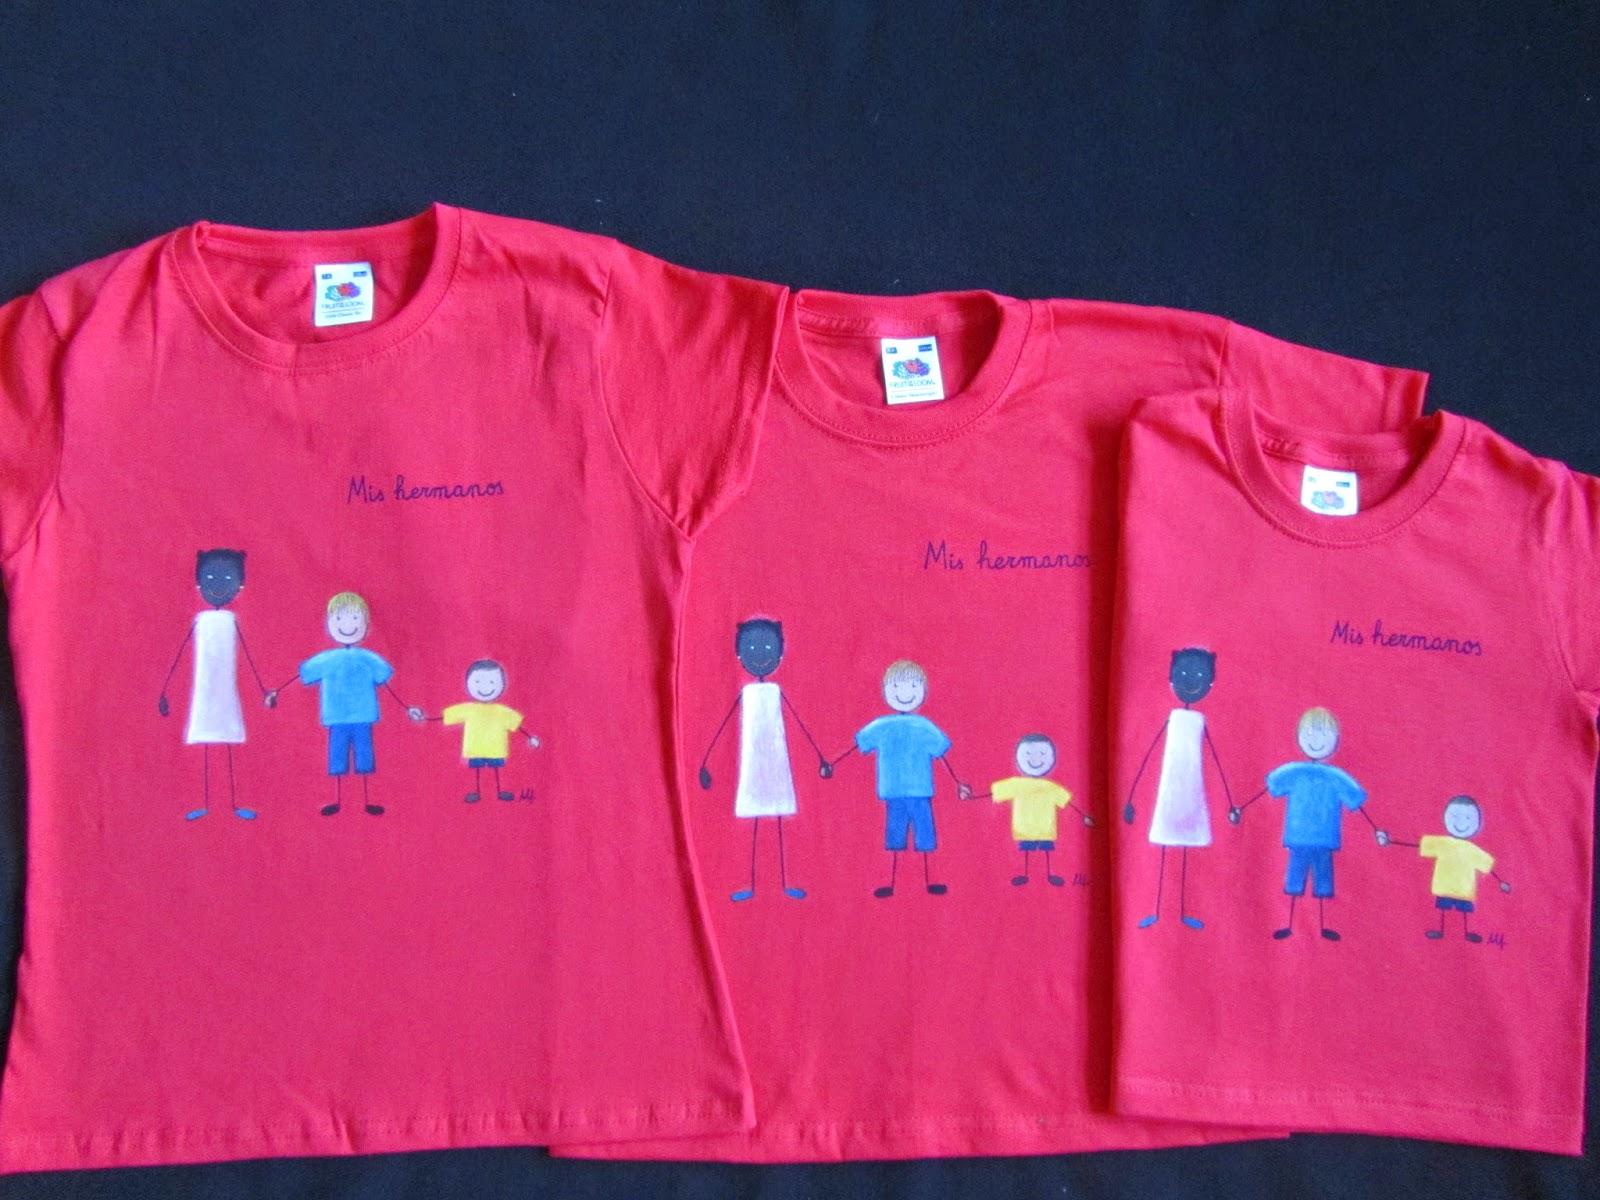 Camisetas familiares minions 2019 ropa a juego para madres